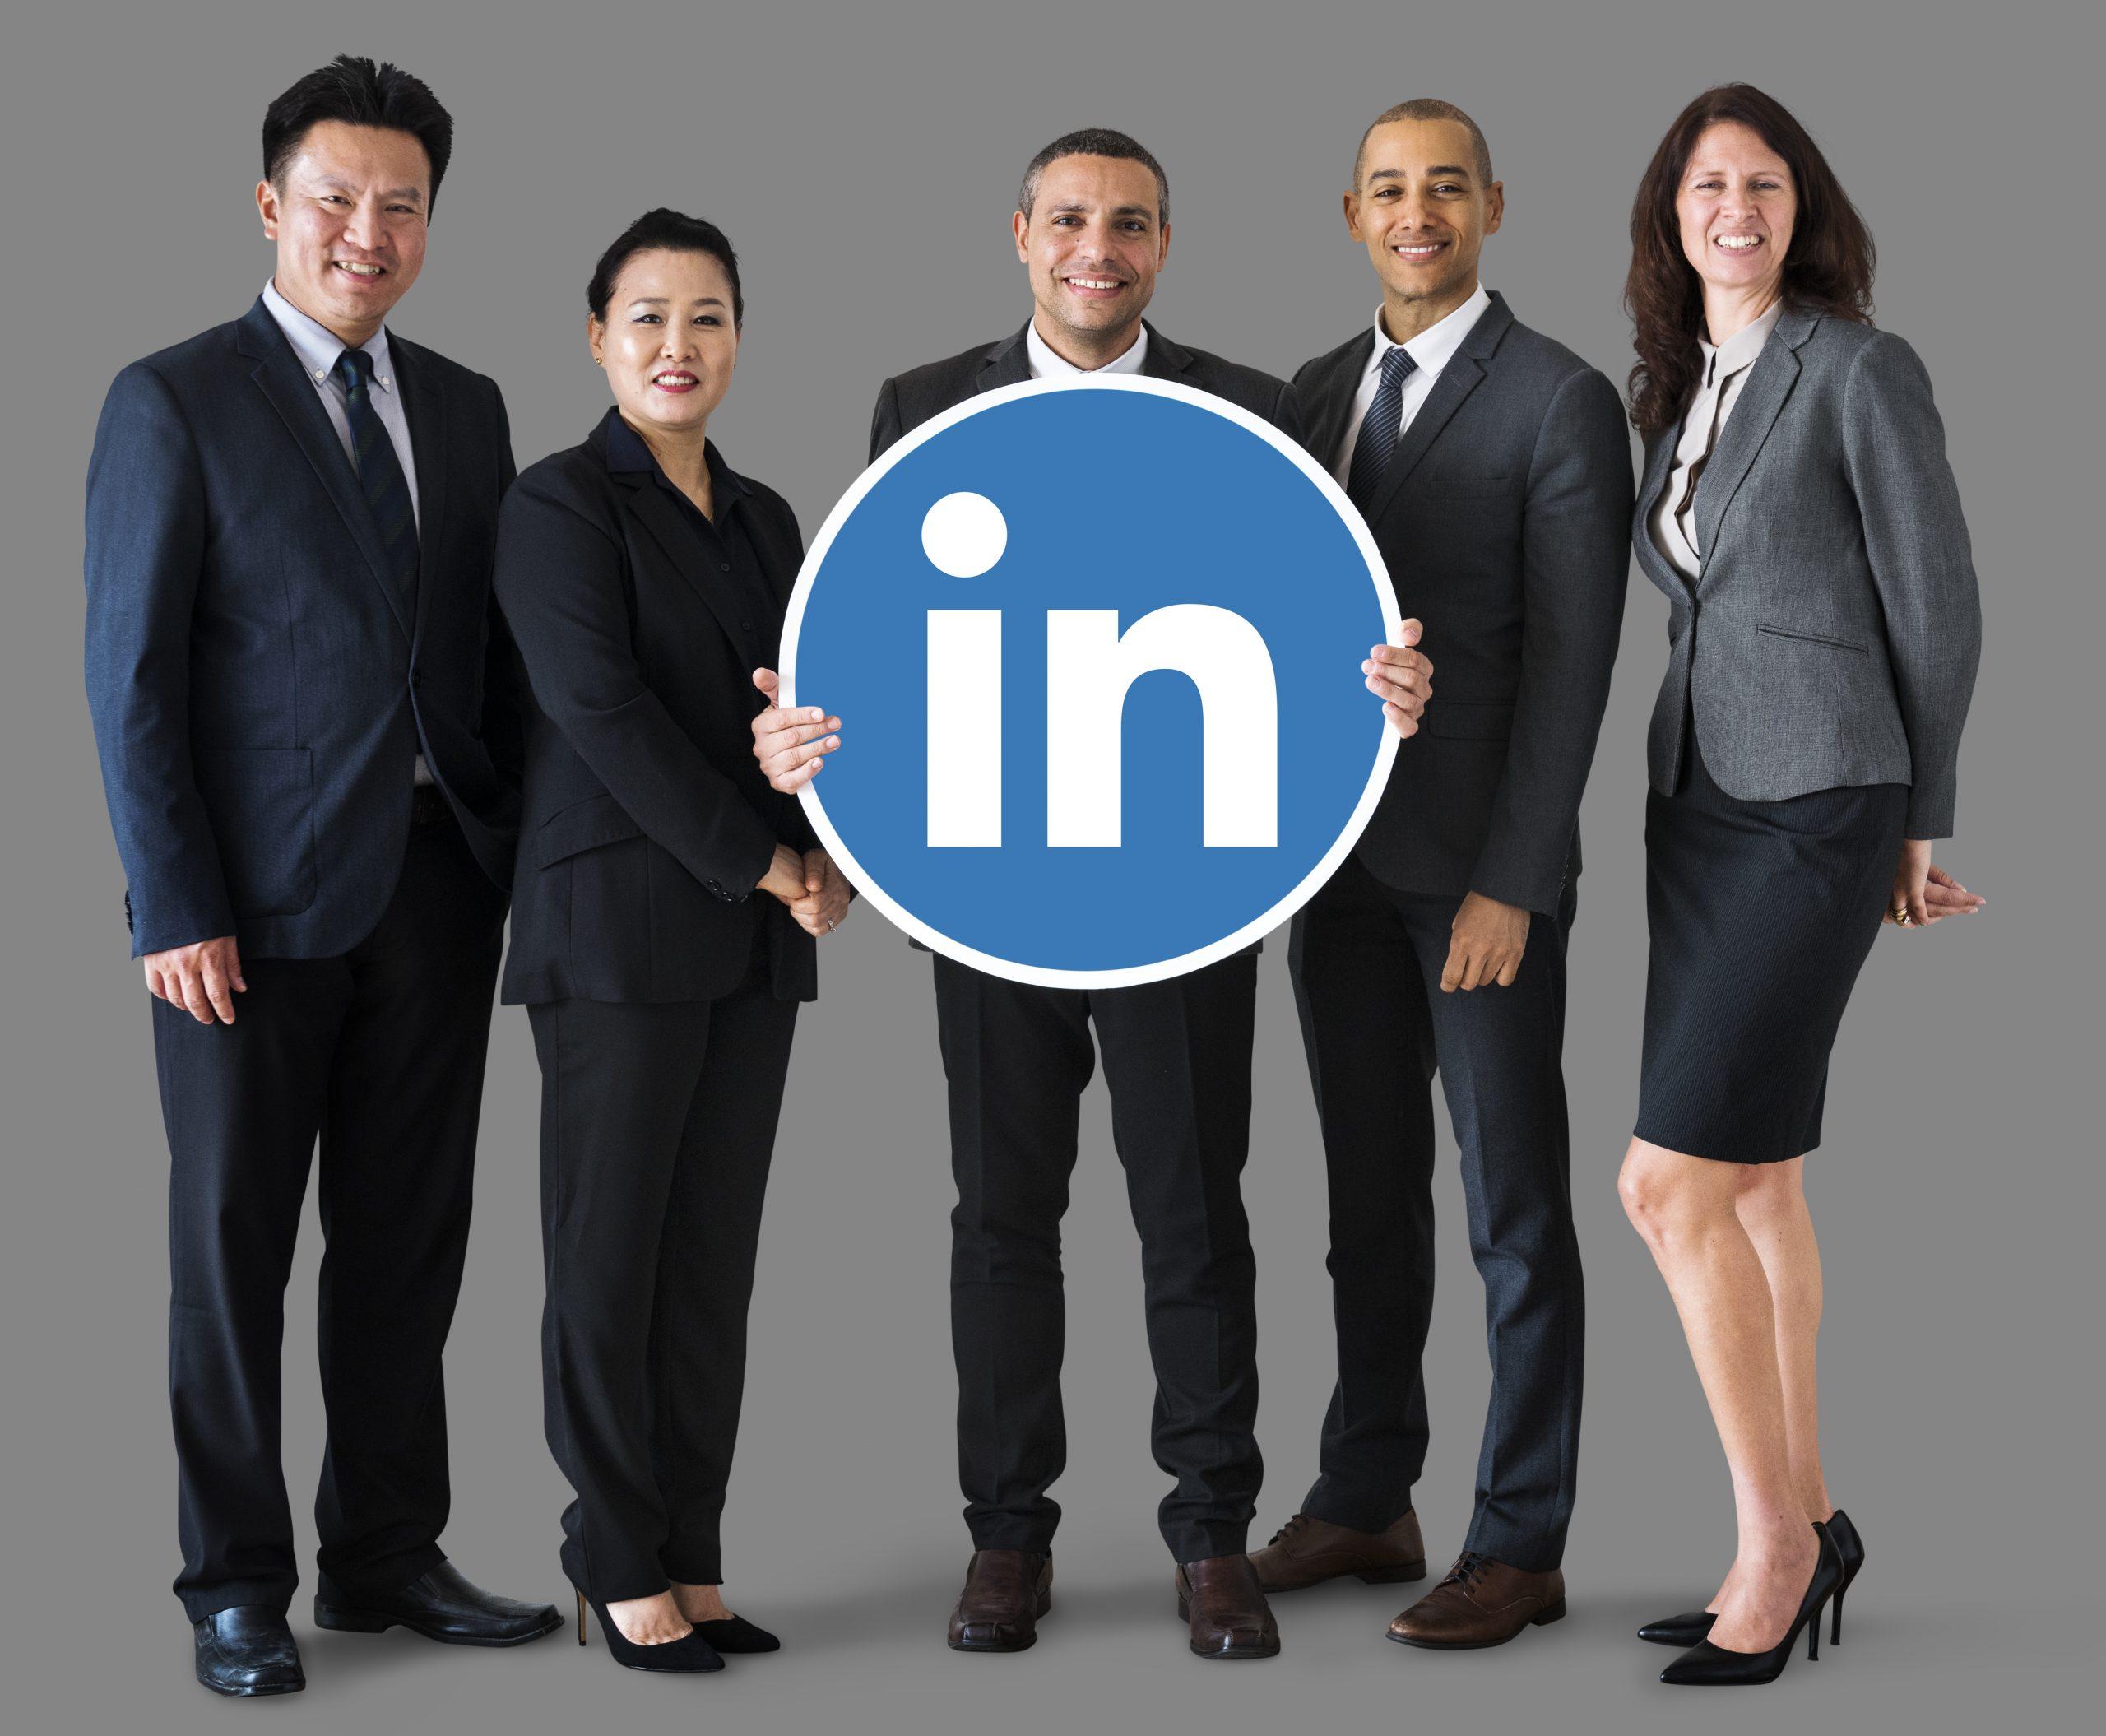 Principales ventajas de linkedin para empresas